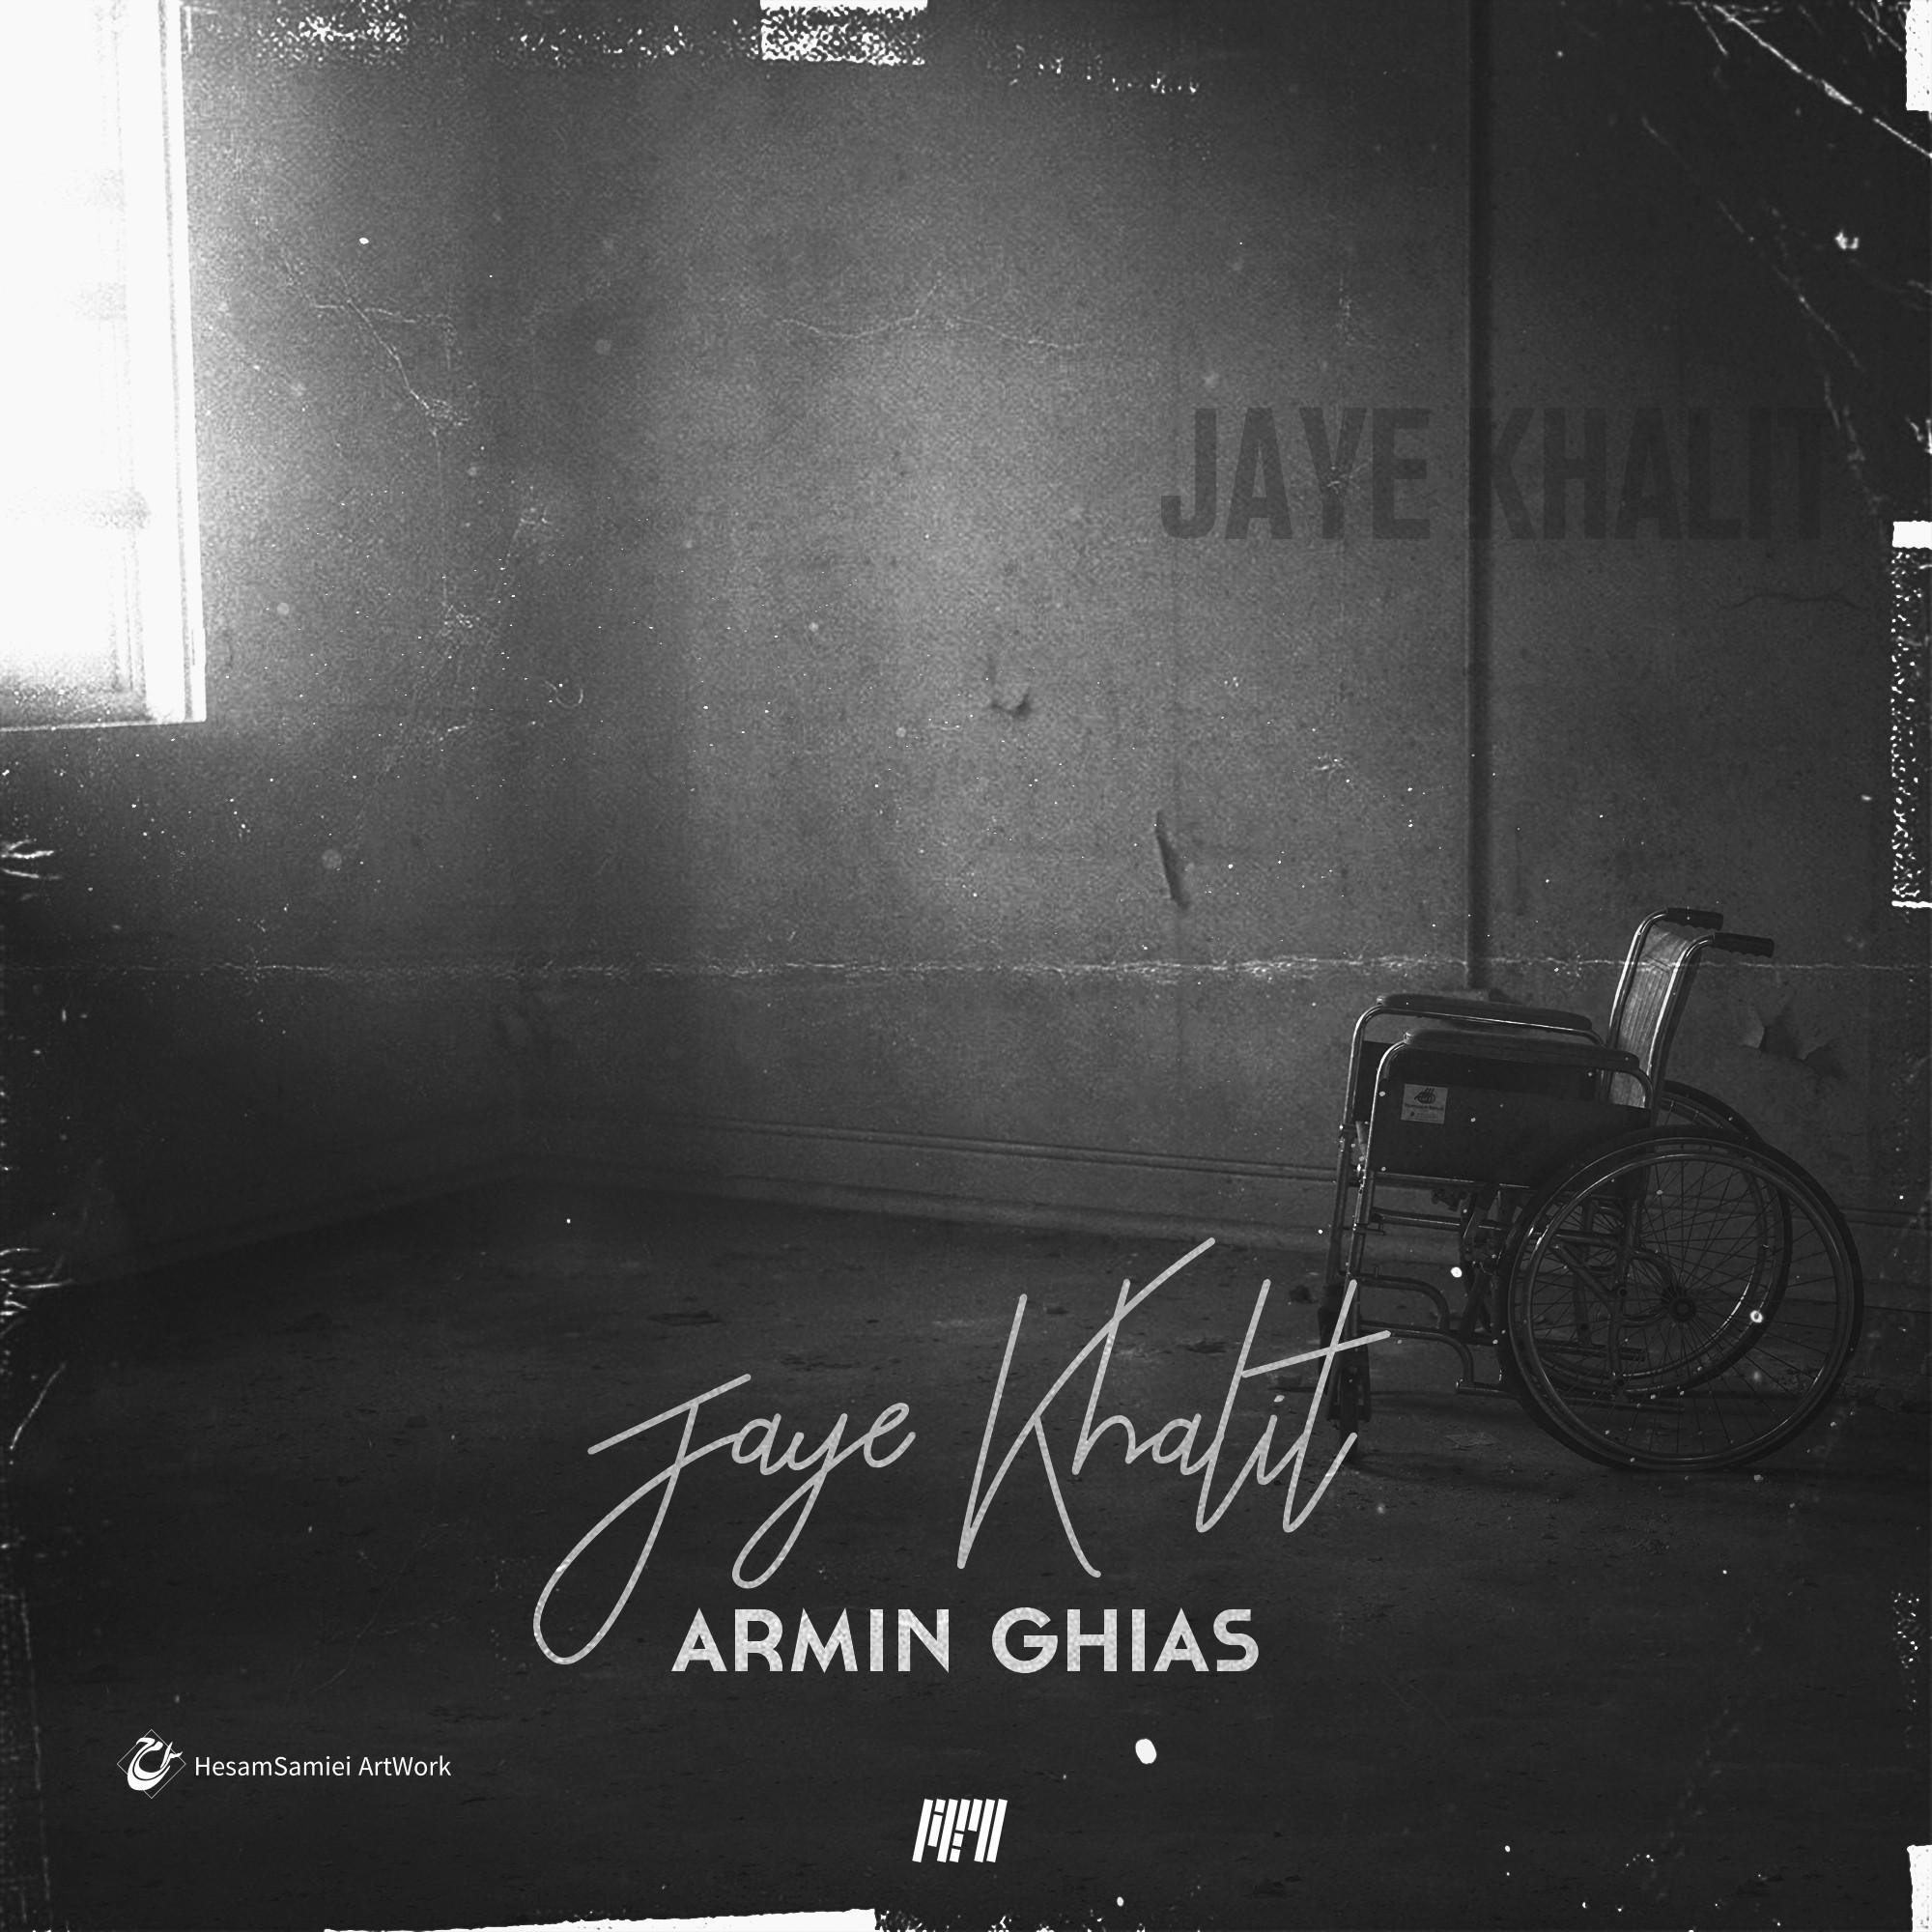 Armin Ghias – Jaye Khalit